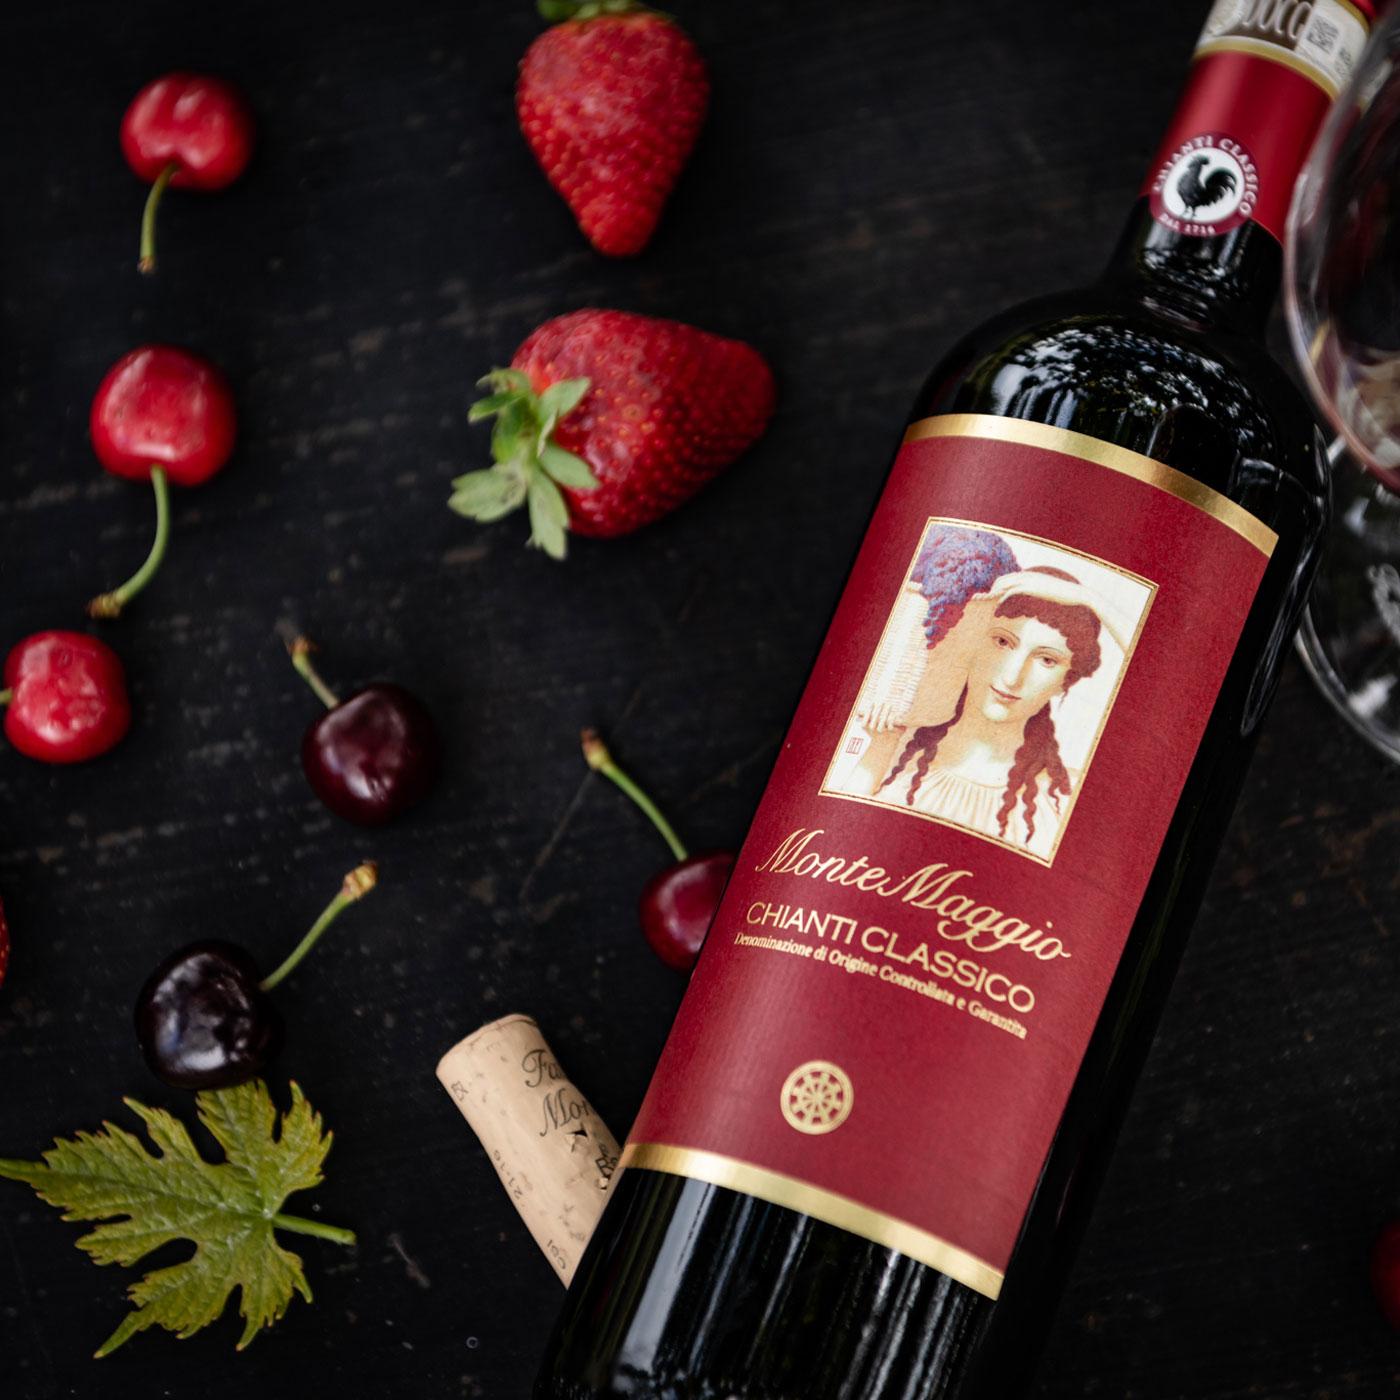 Chianti Classico Di Montemaggio Perfect Wine With Your First Course